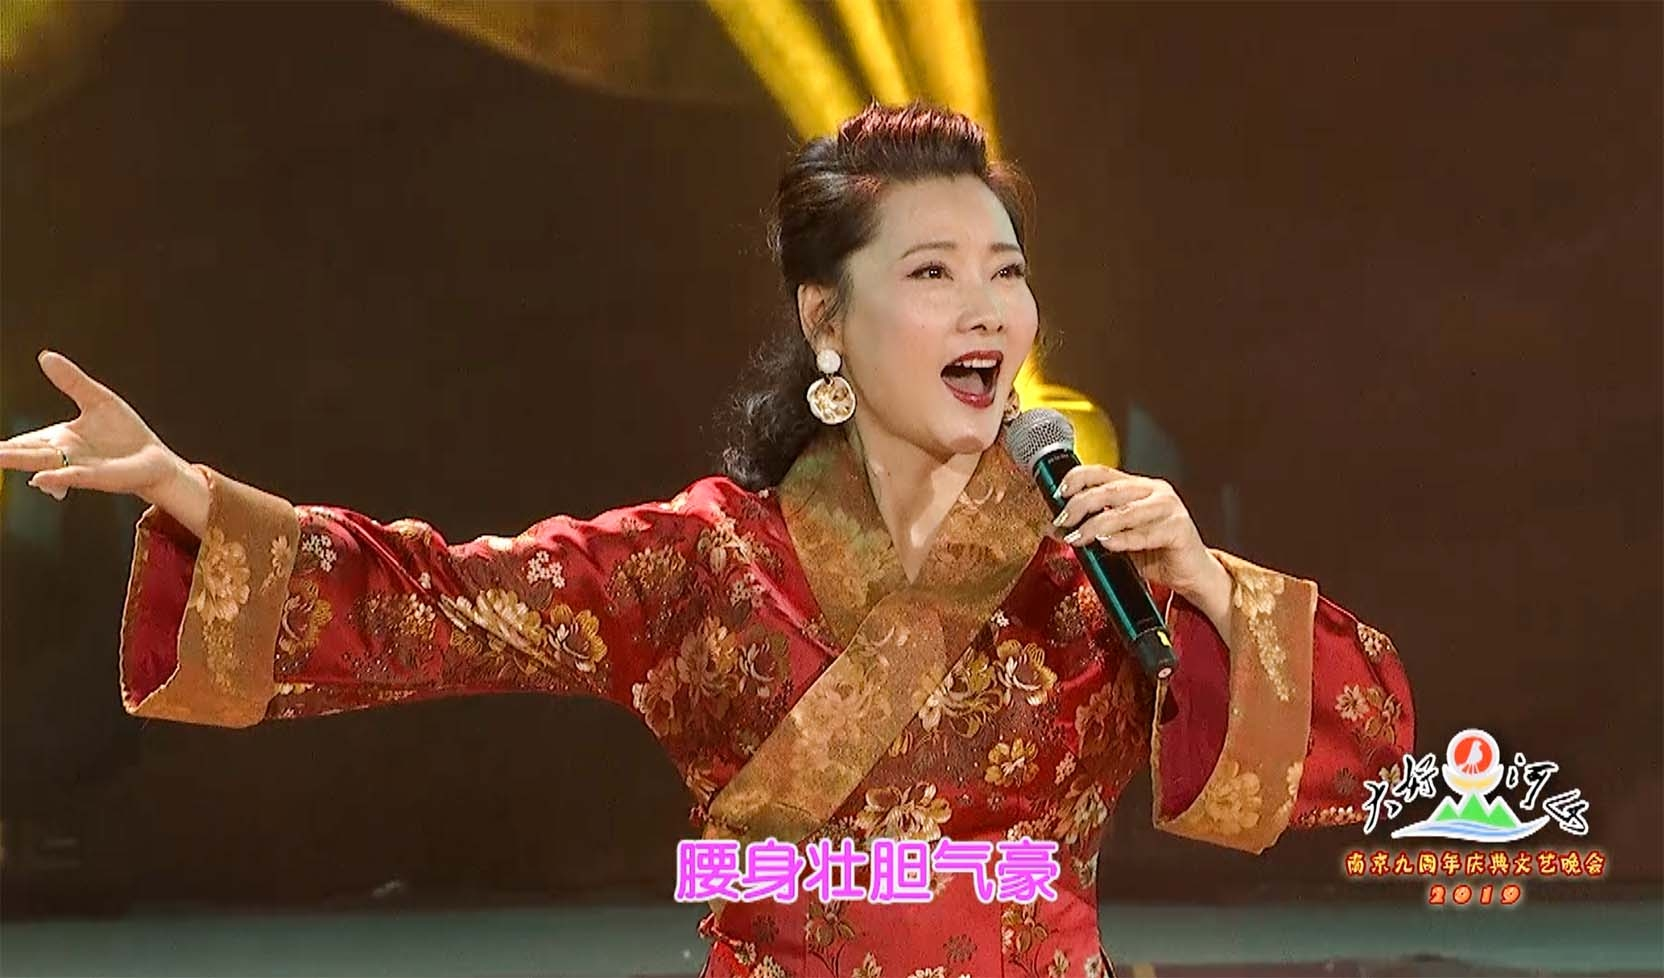 大好河山2019南京九周年庆典文艺晚会  歌曲《牧羊曲》何赛飞